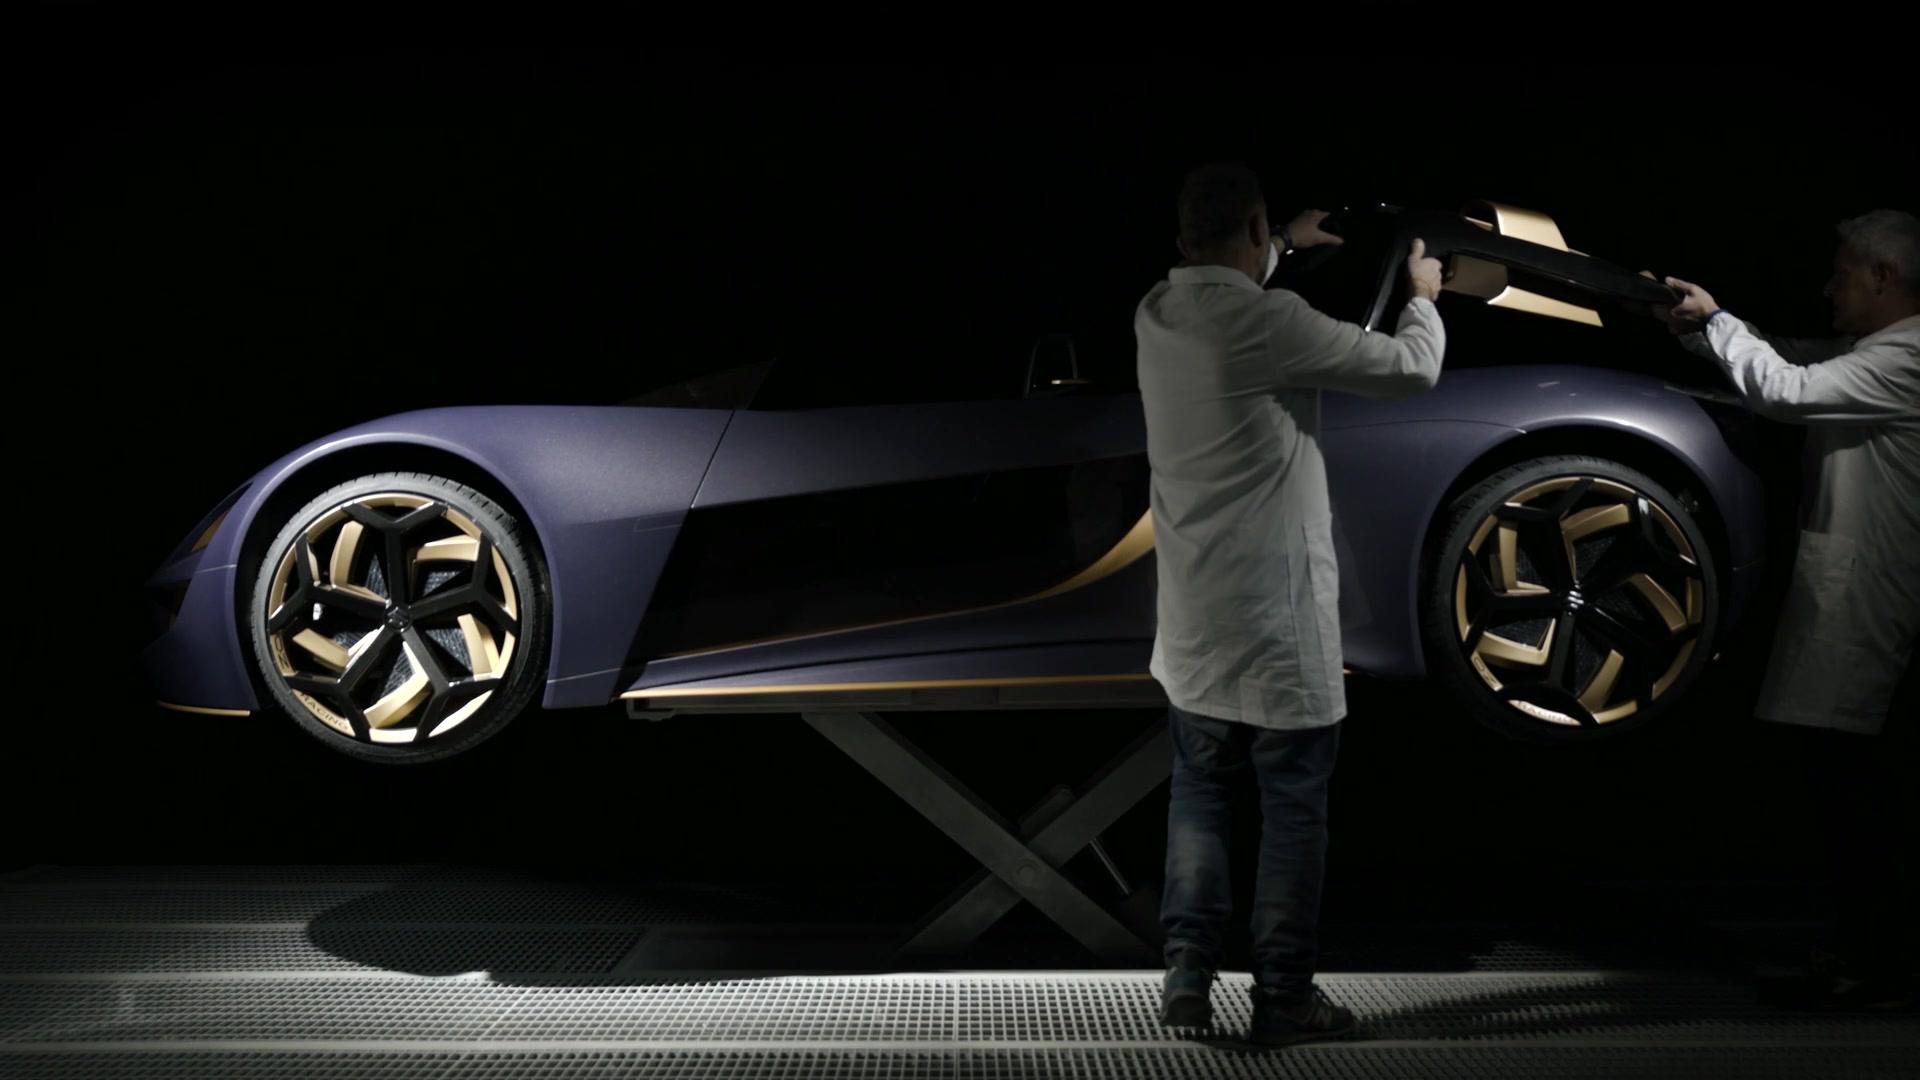 Suzuki MISANO - La Dolce Vita X Way of Life